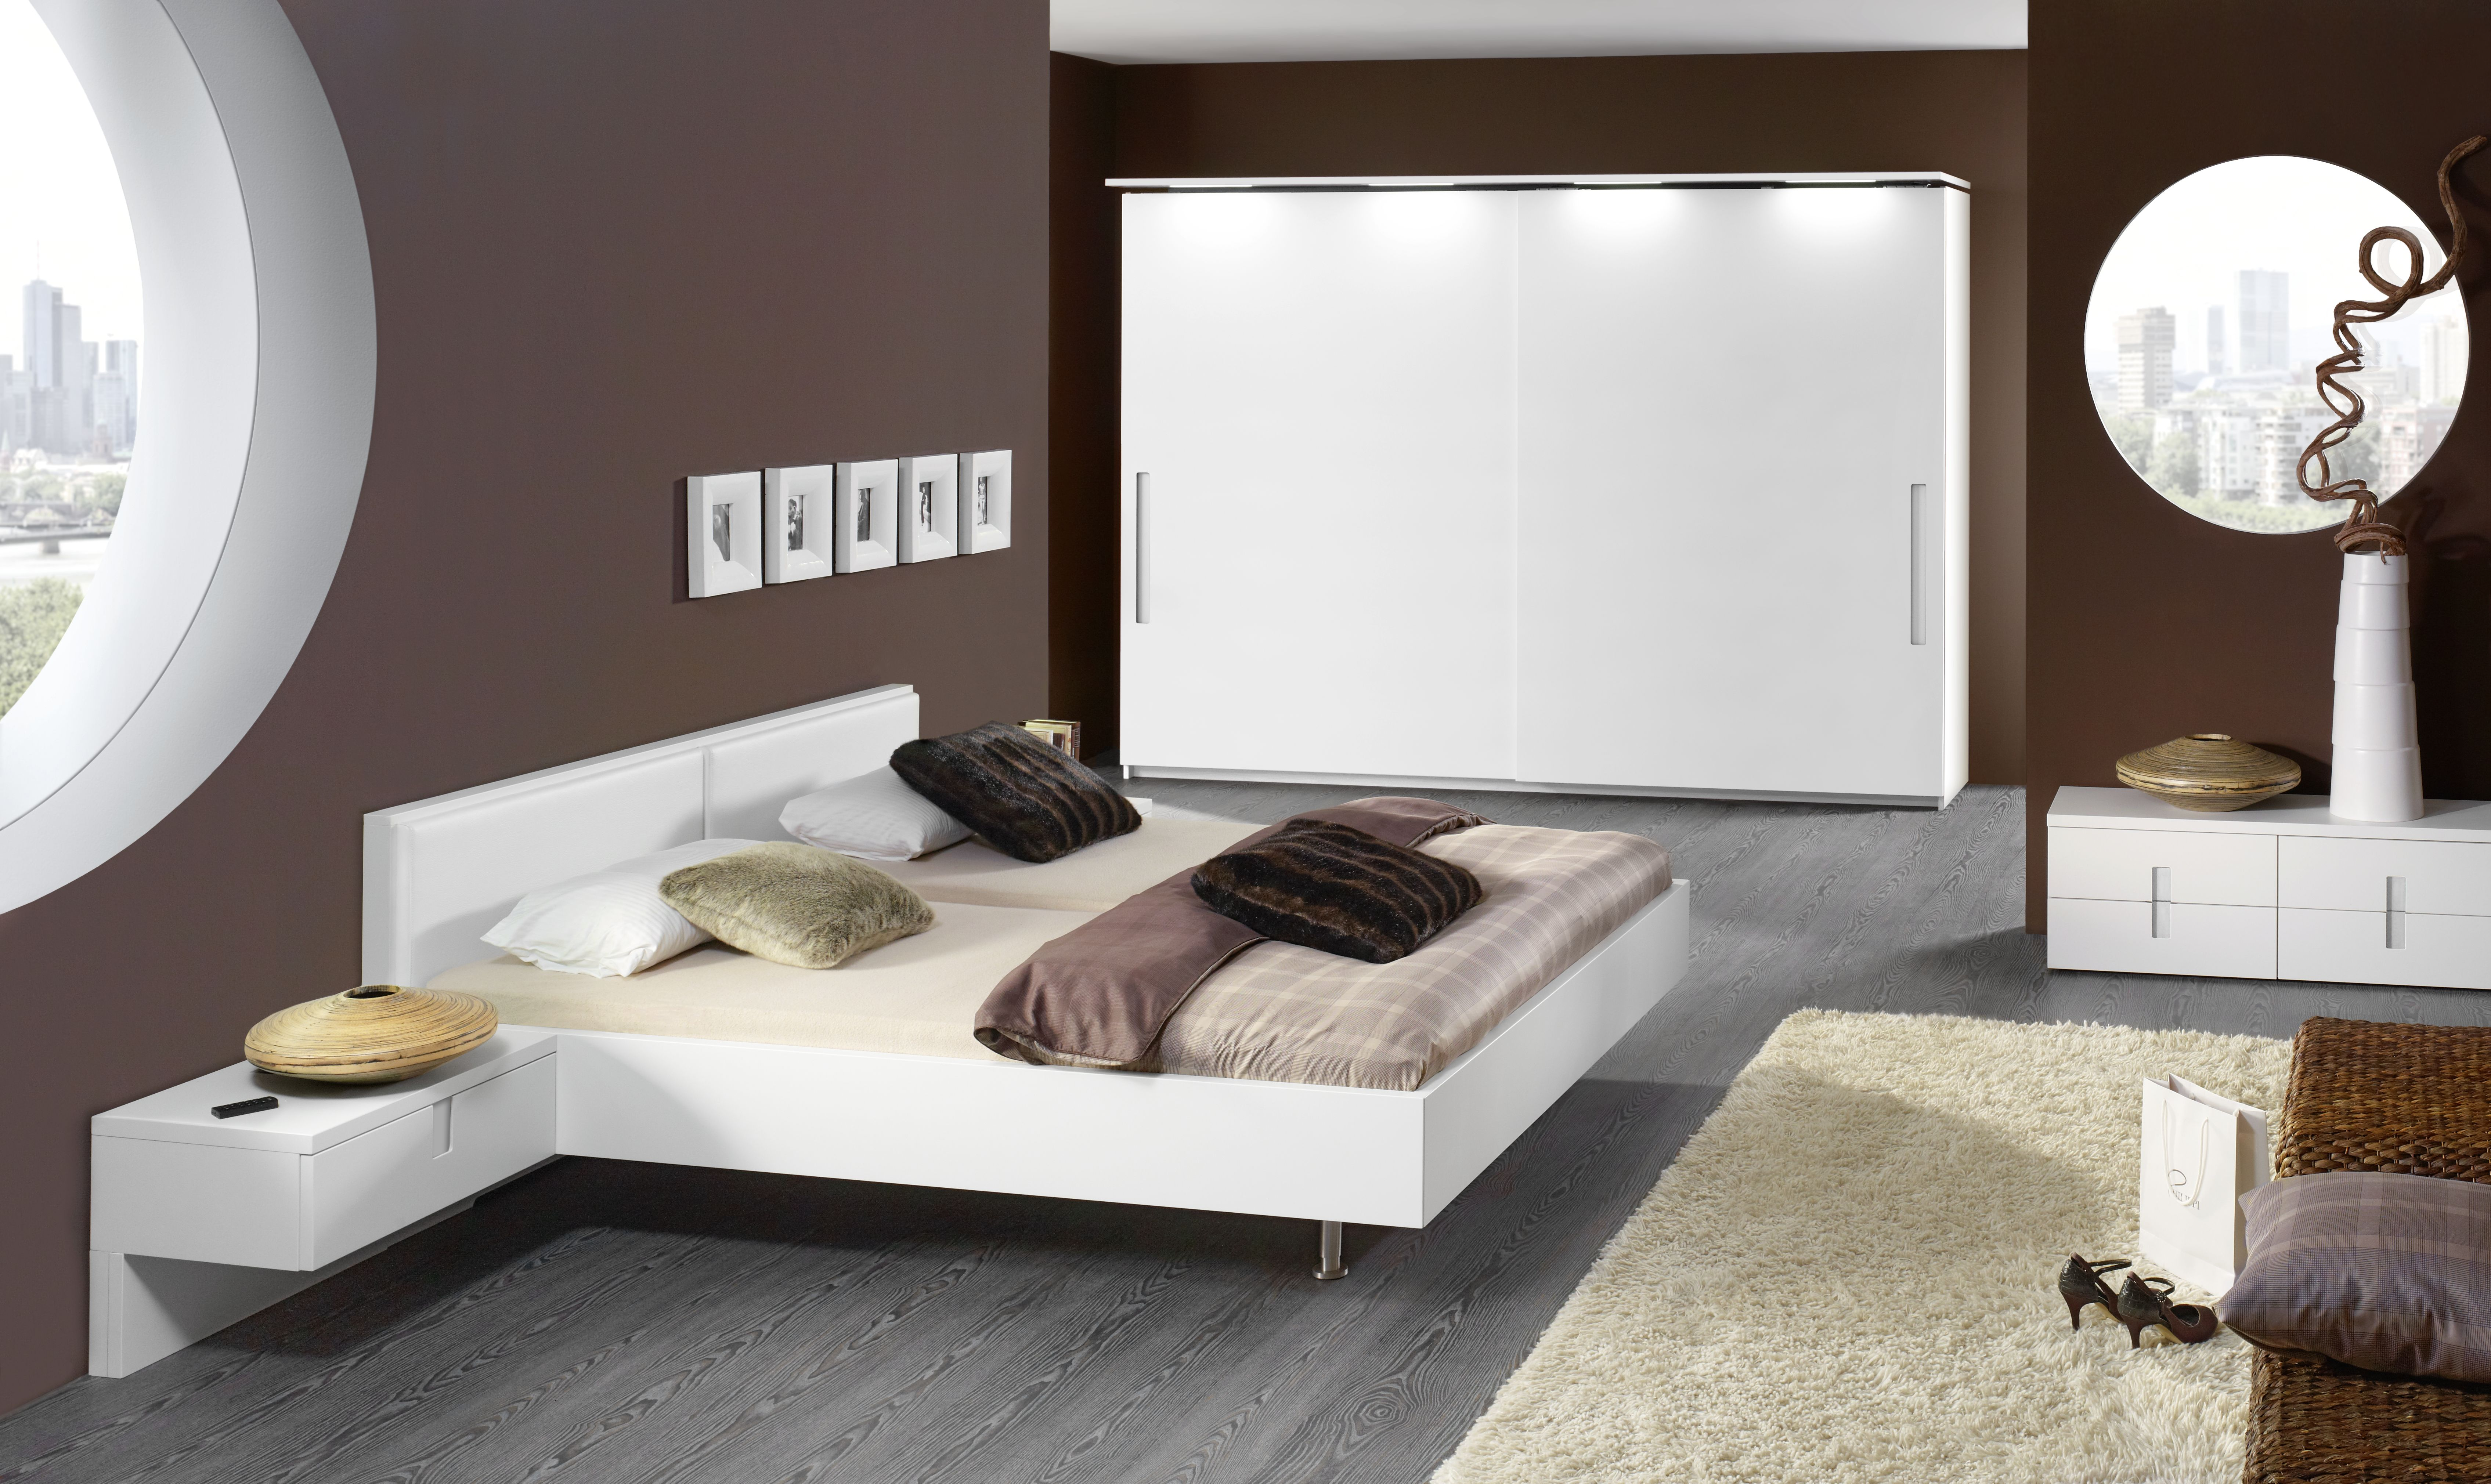 New Bedroom Designs